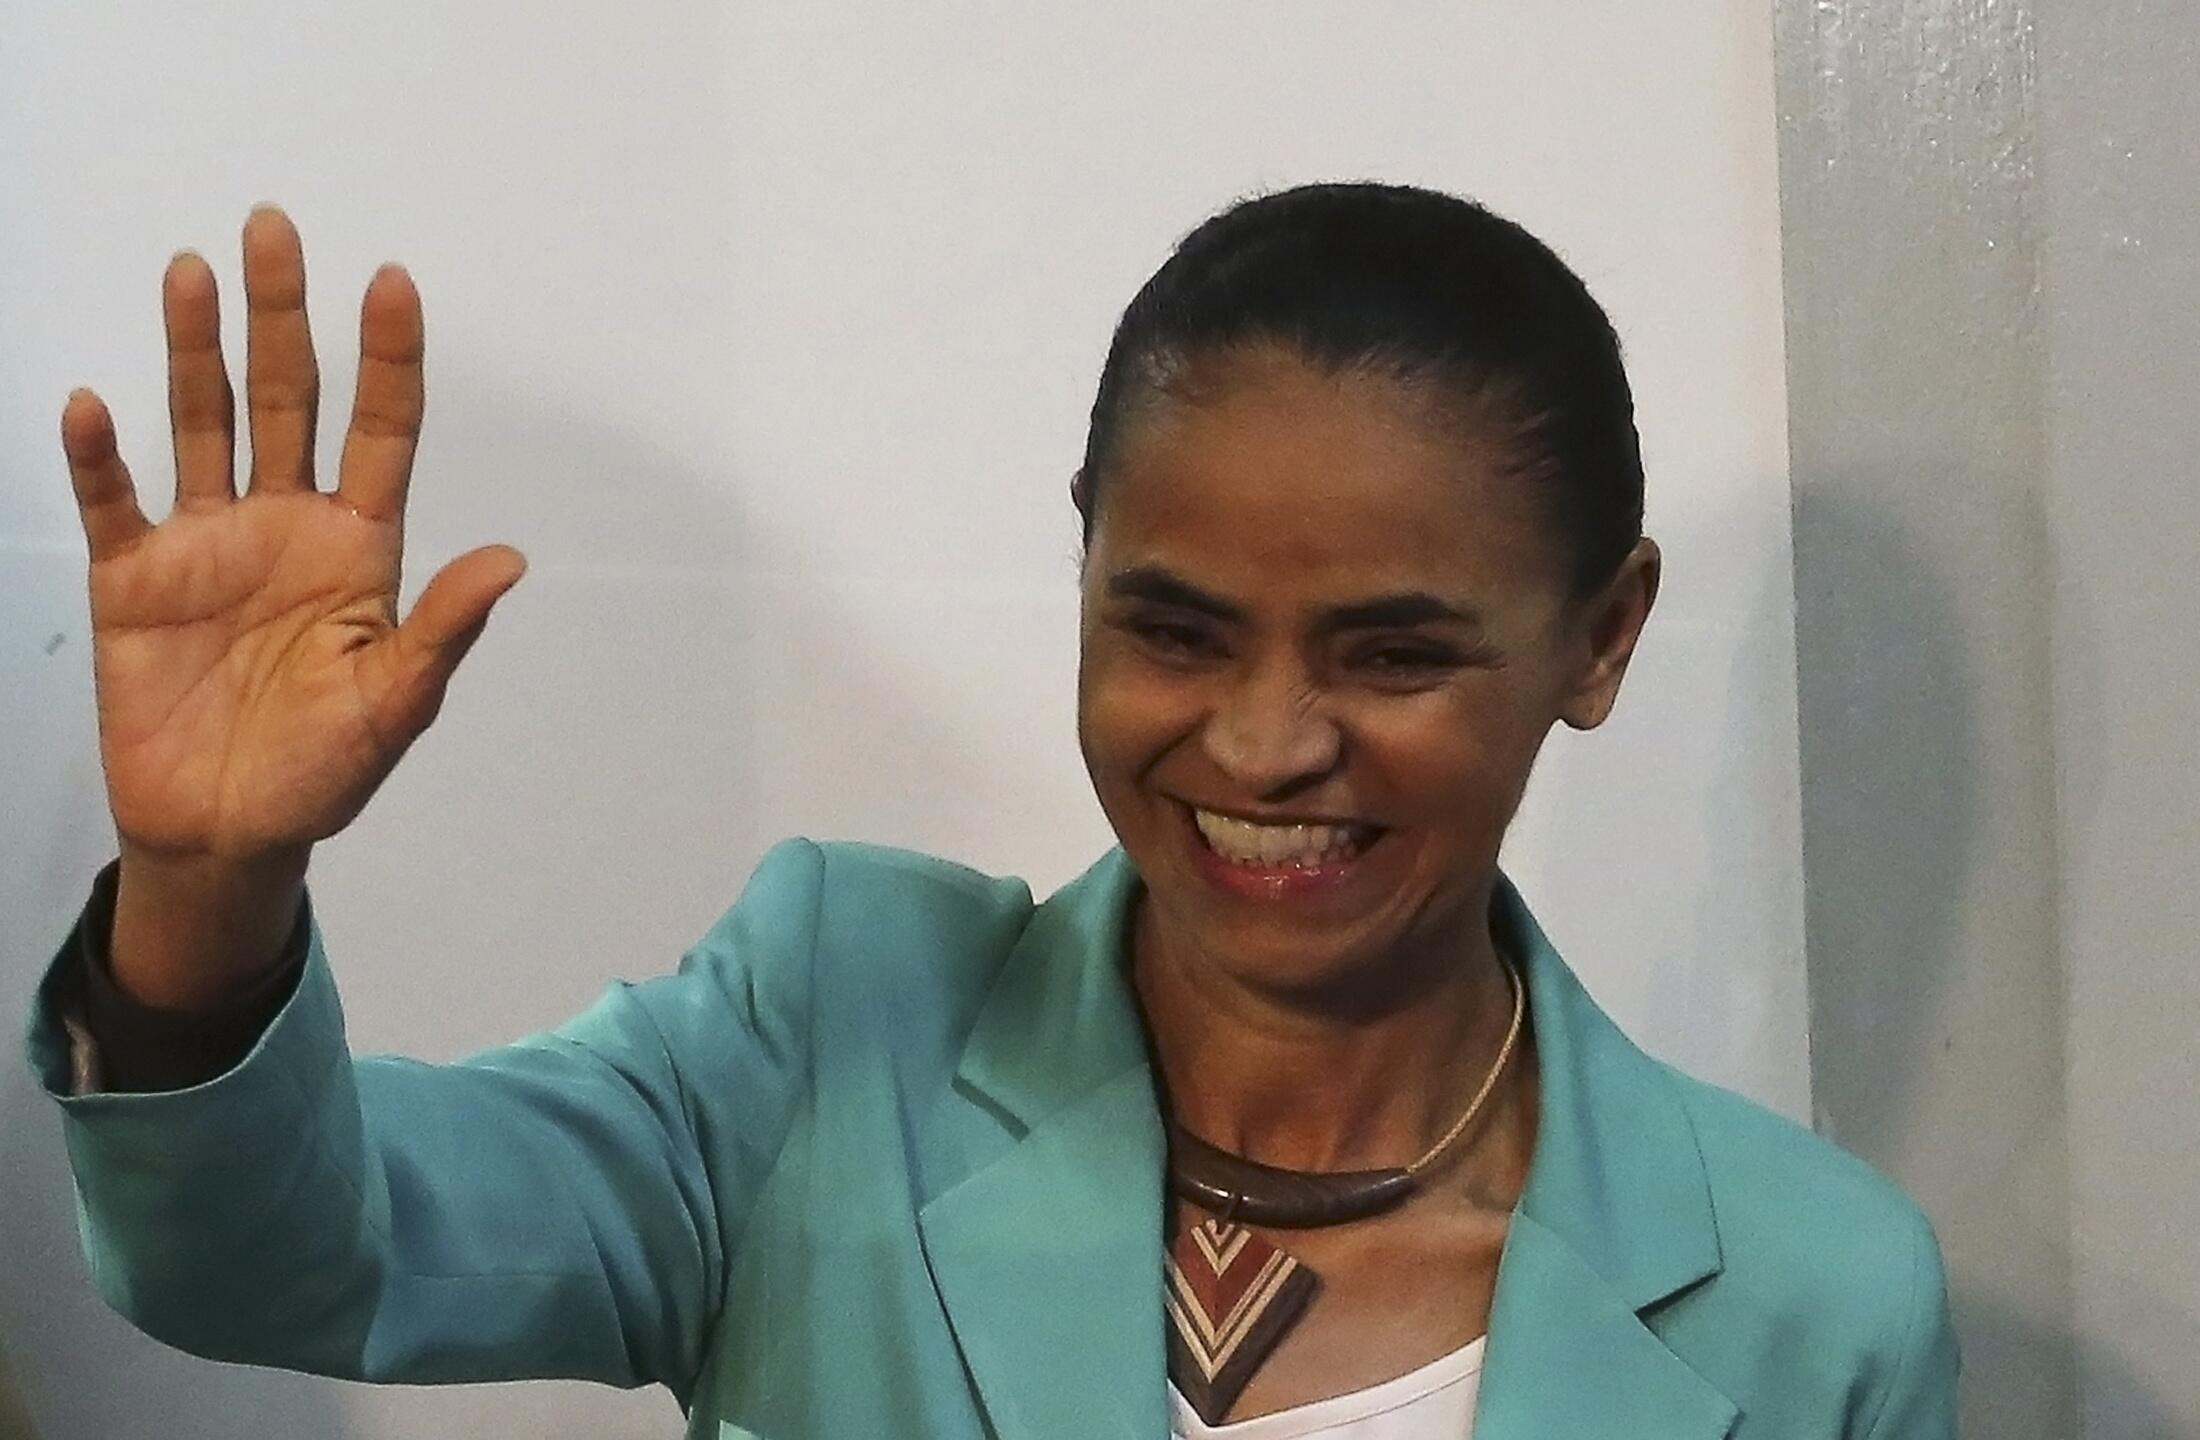 A candidata do PSB a presidente, Marina Silva, lidera a disputa em três estados do País: Acre, São Paulo e Espírito Santo.